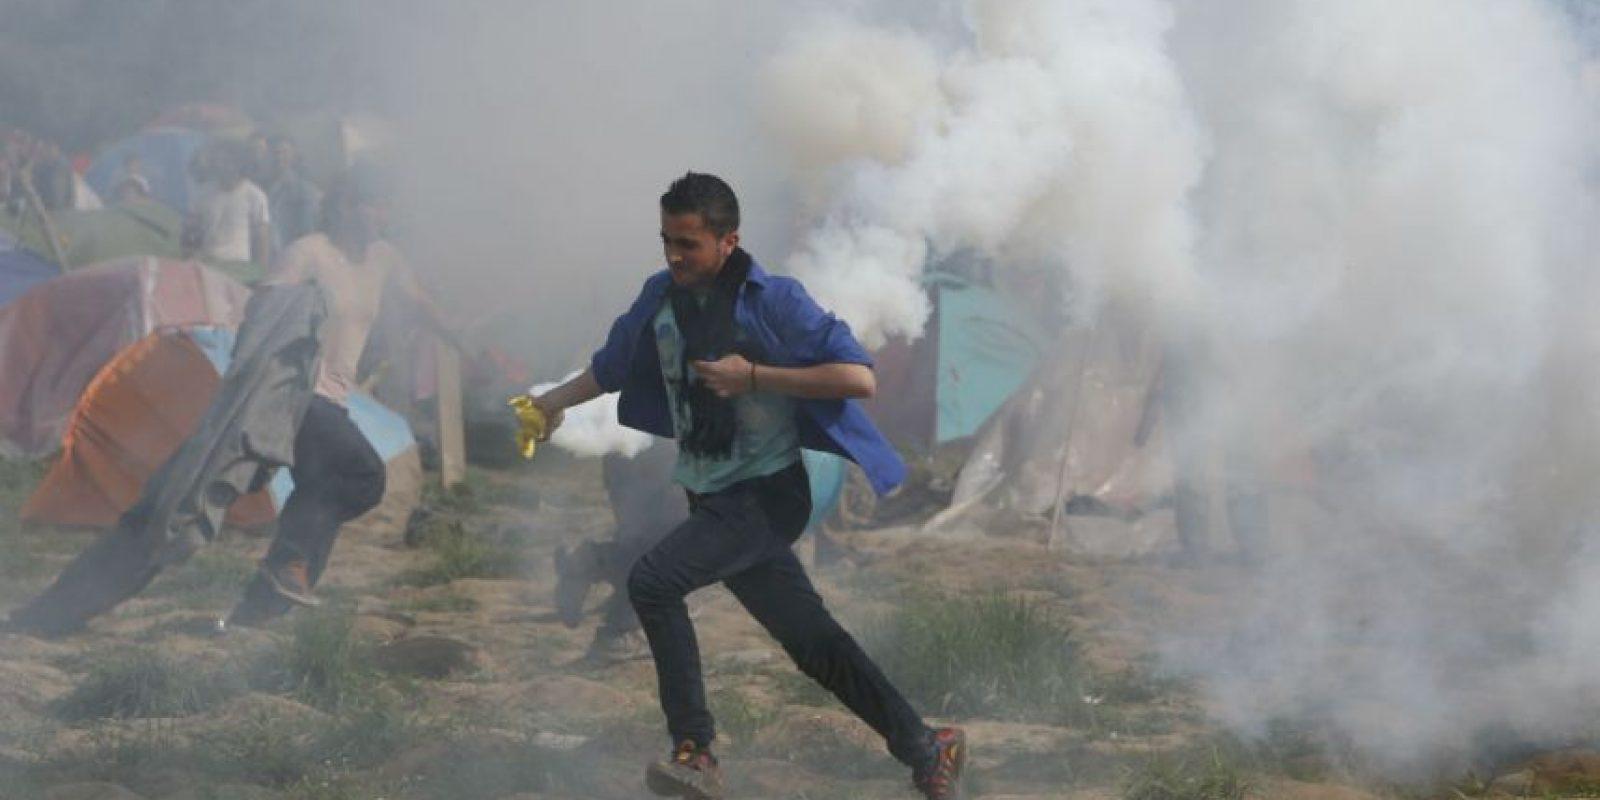 """El Gobierno griego condenó el uso """"indiscriminado"""" de este tipo instrumentos de represión Foto:AP"""